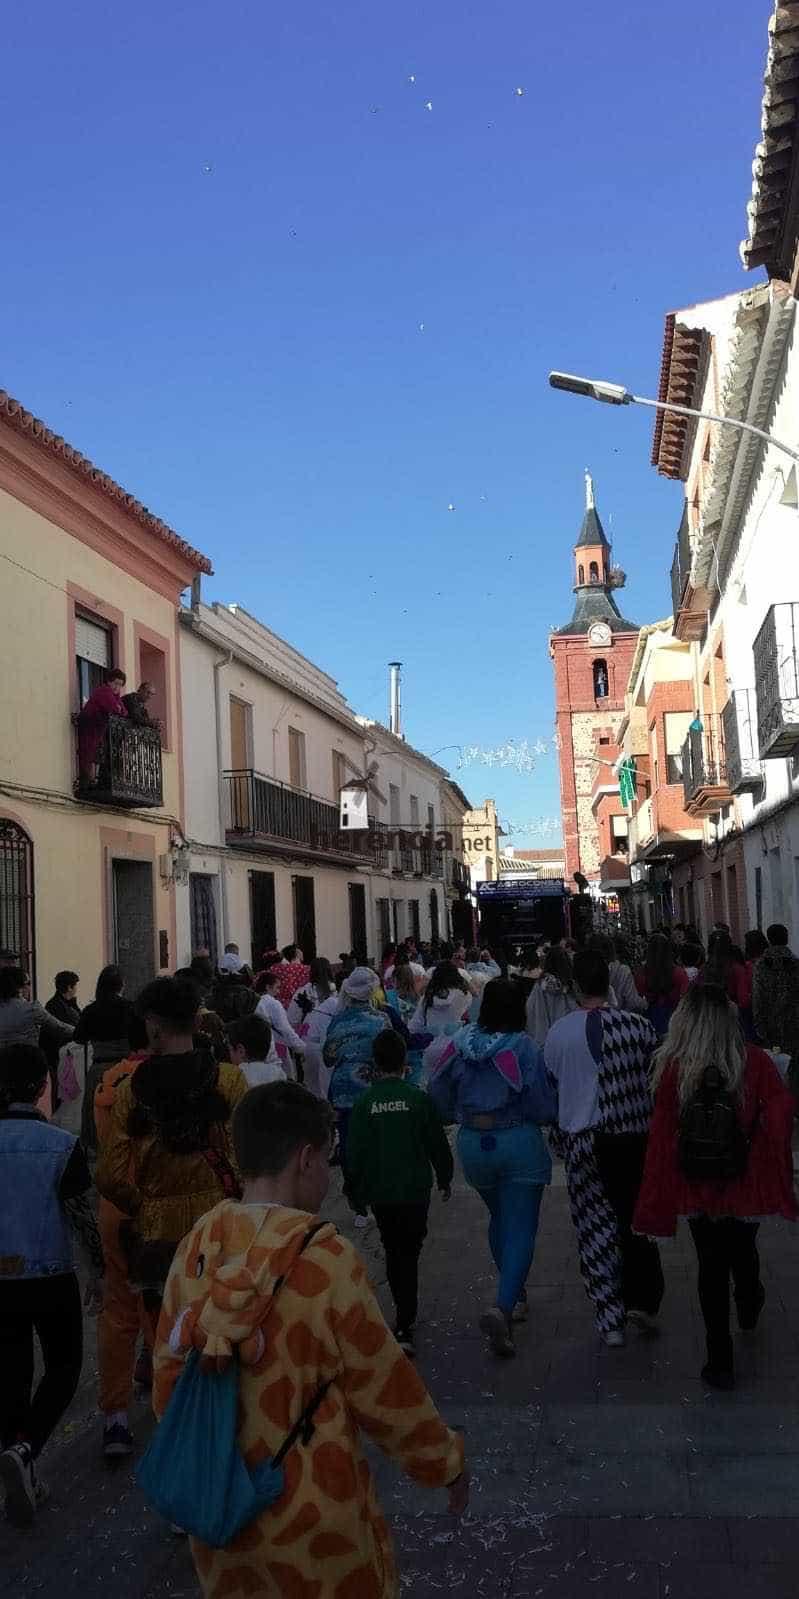 Carnaval herencia 2020 pasacalles domingo deseosas 7 - El Domingo de las Deseosas invita a todo el mundo al Carnaval de Herencia